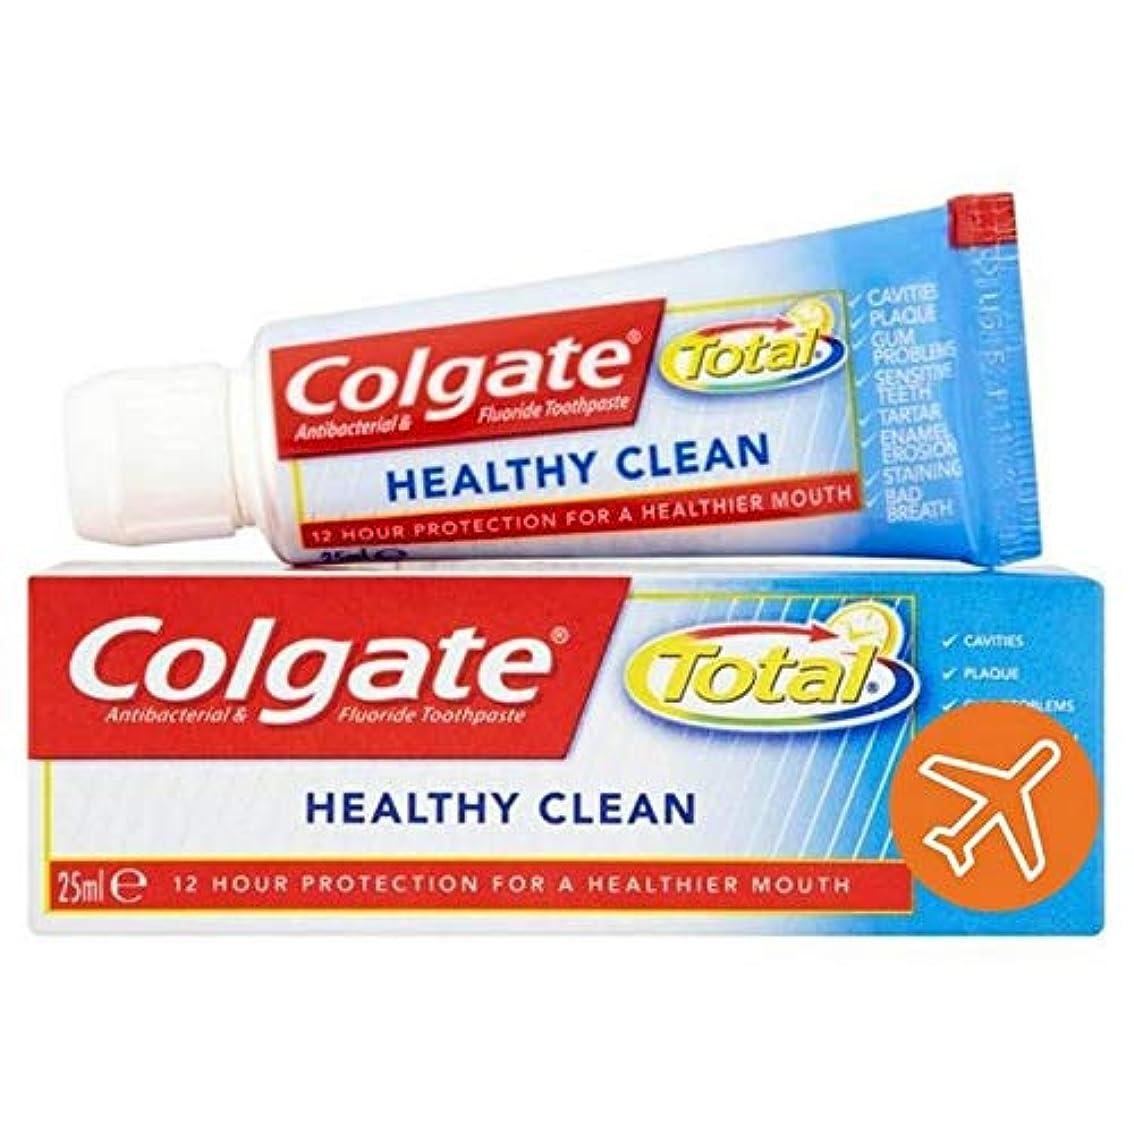 要件抜粋コンサート[Colgate ] コルゲートトータル健康クリーントラベルサイズの歯磨き粉25ミリリットル - Colgate Total Healthy Clean Travel Size Toothpaste 25ml [並行輸入品]